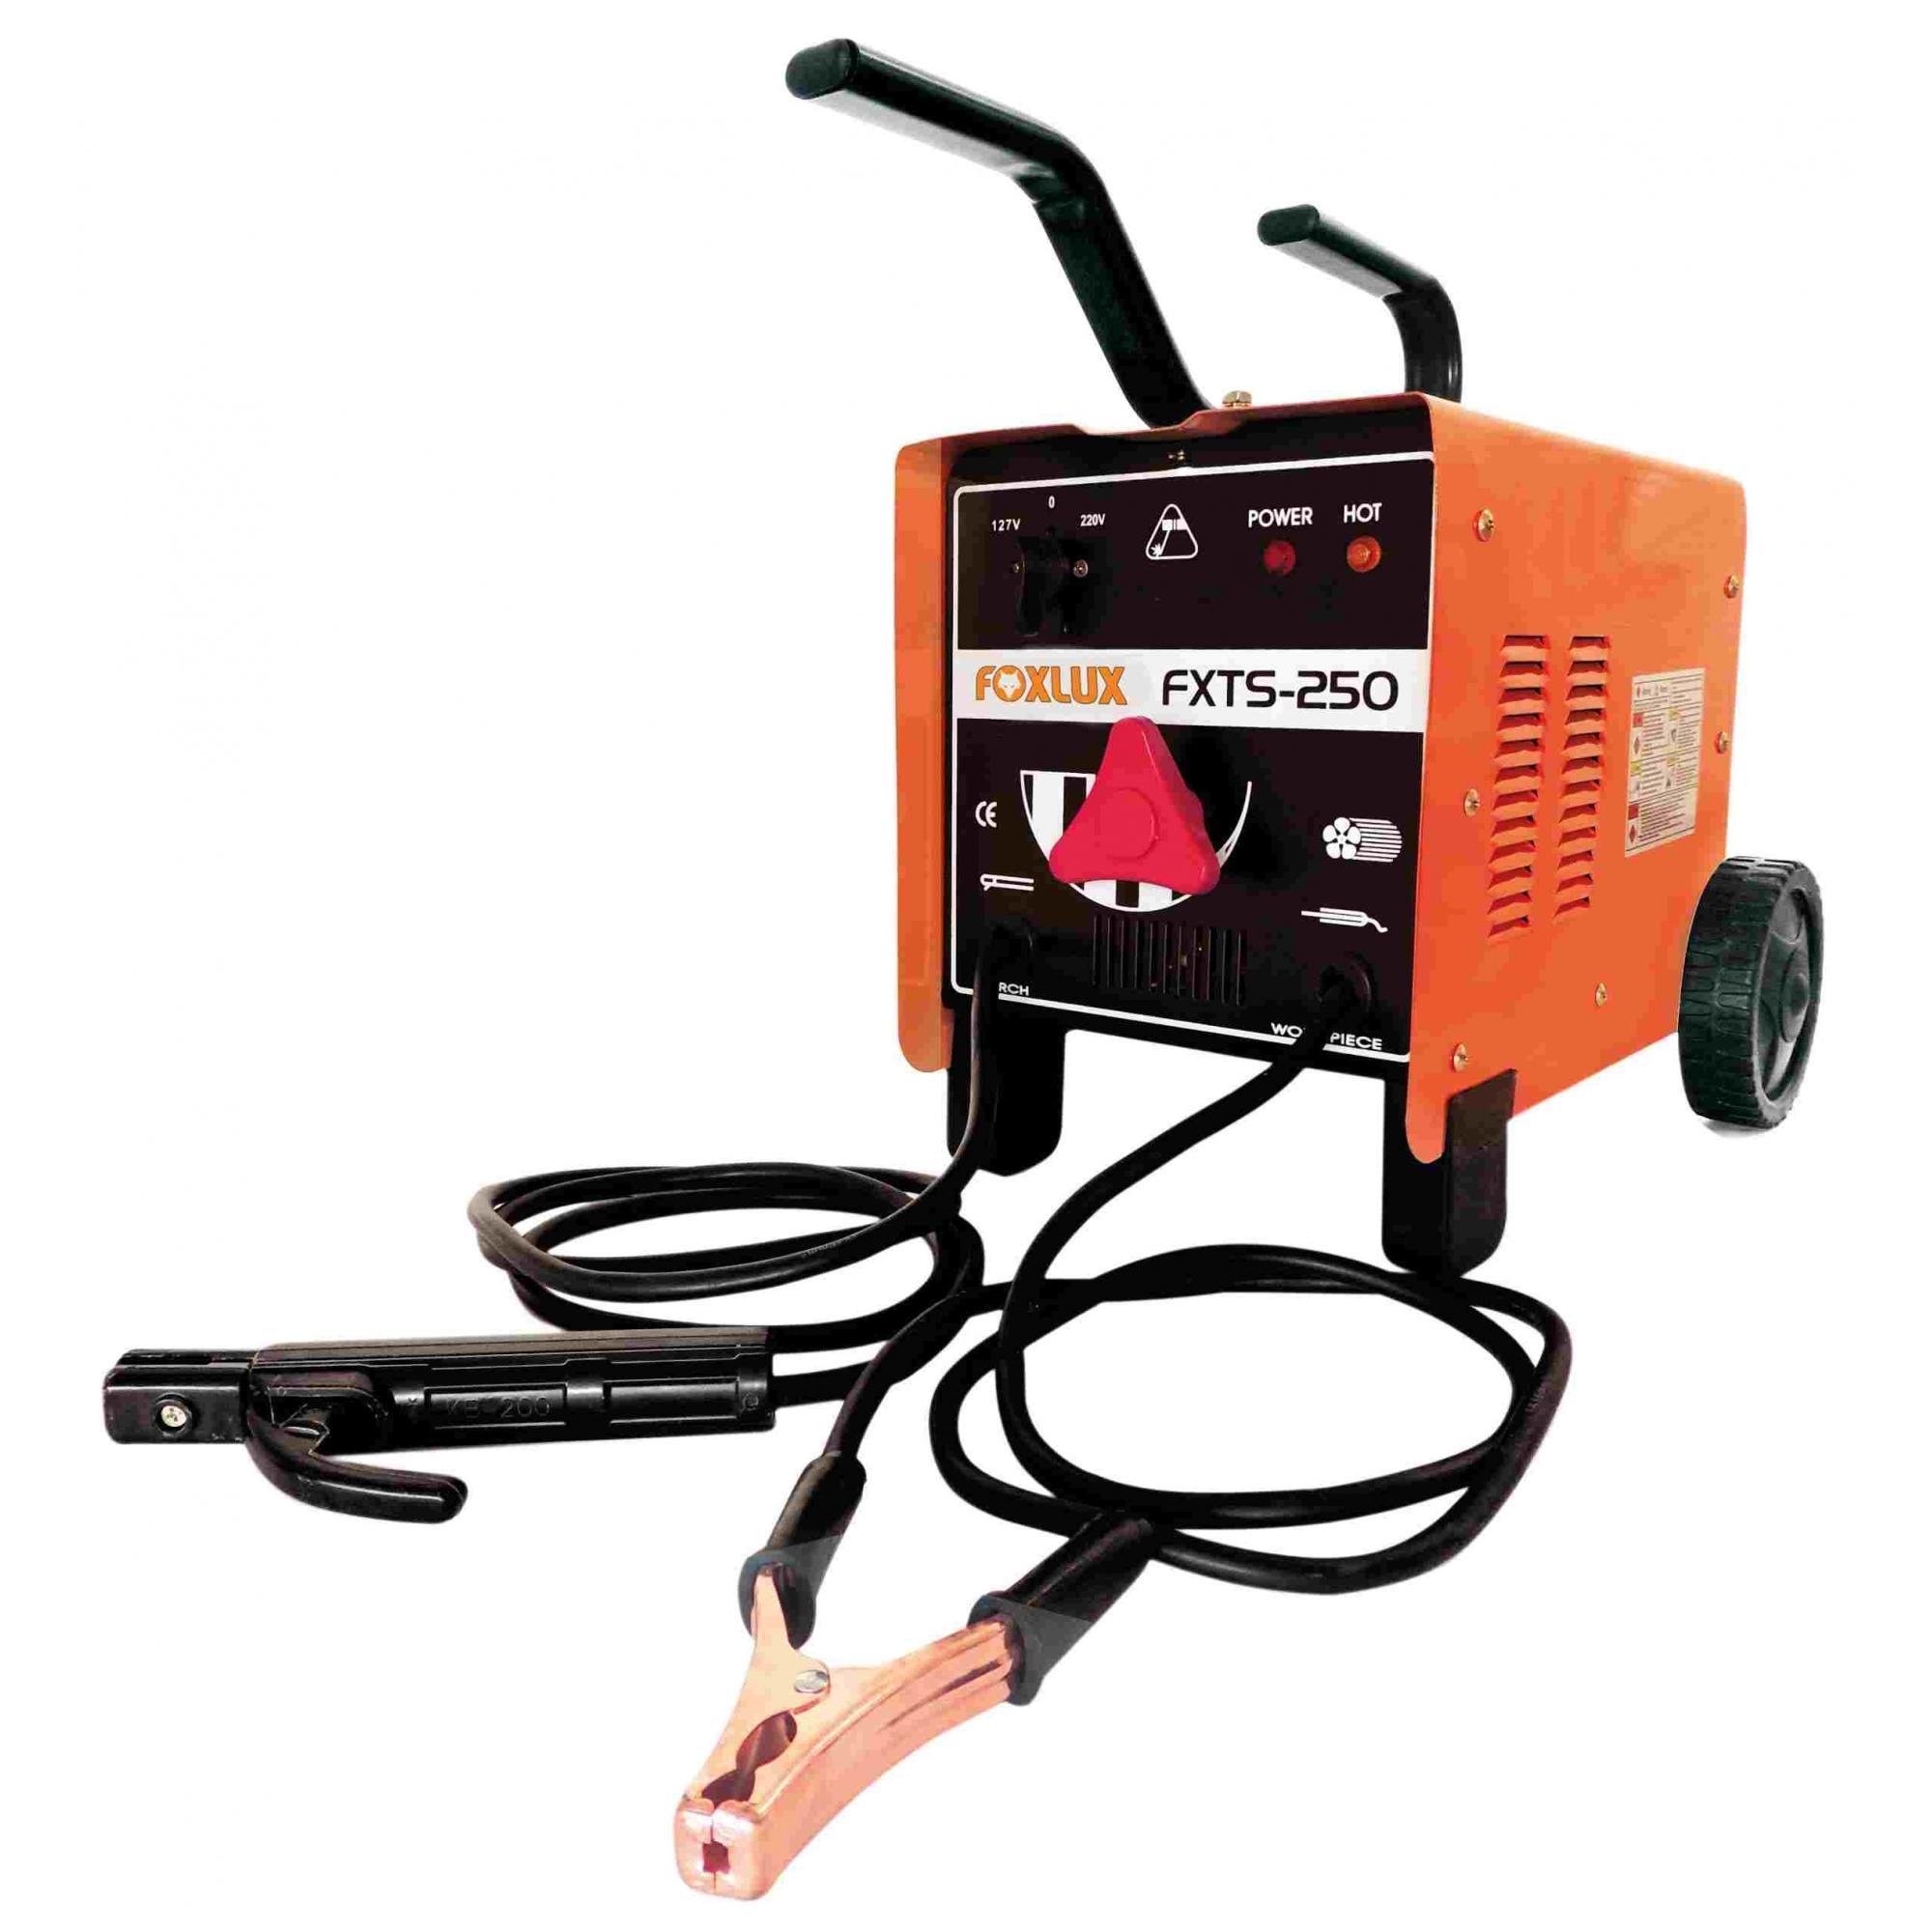 Transformador De Solda Fxts-250 Foxlux